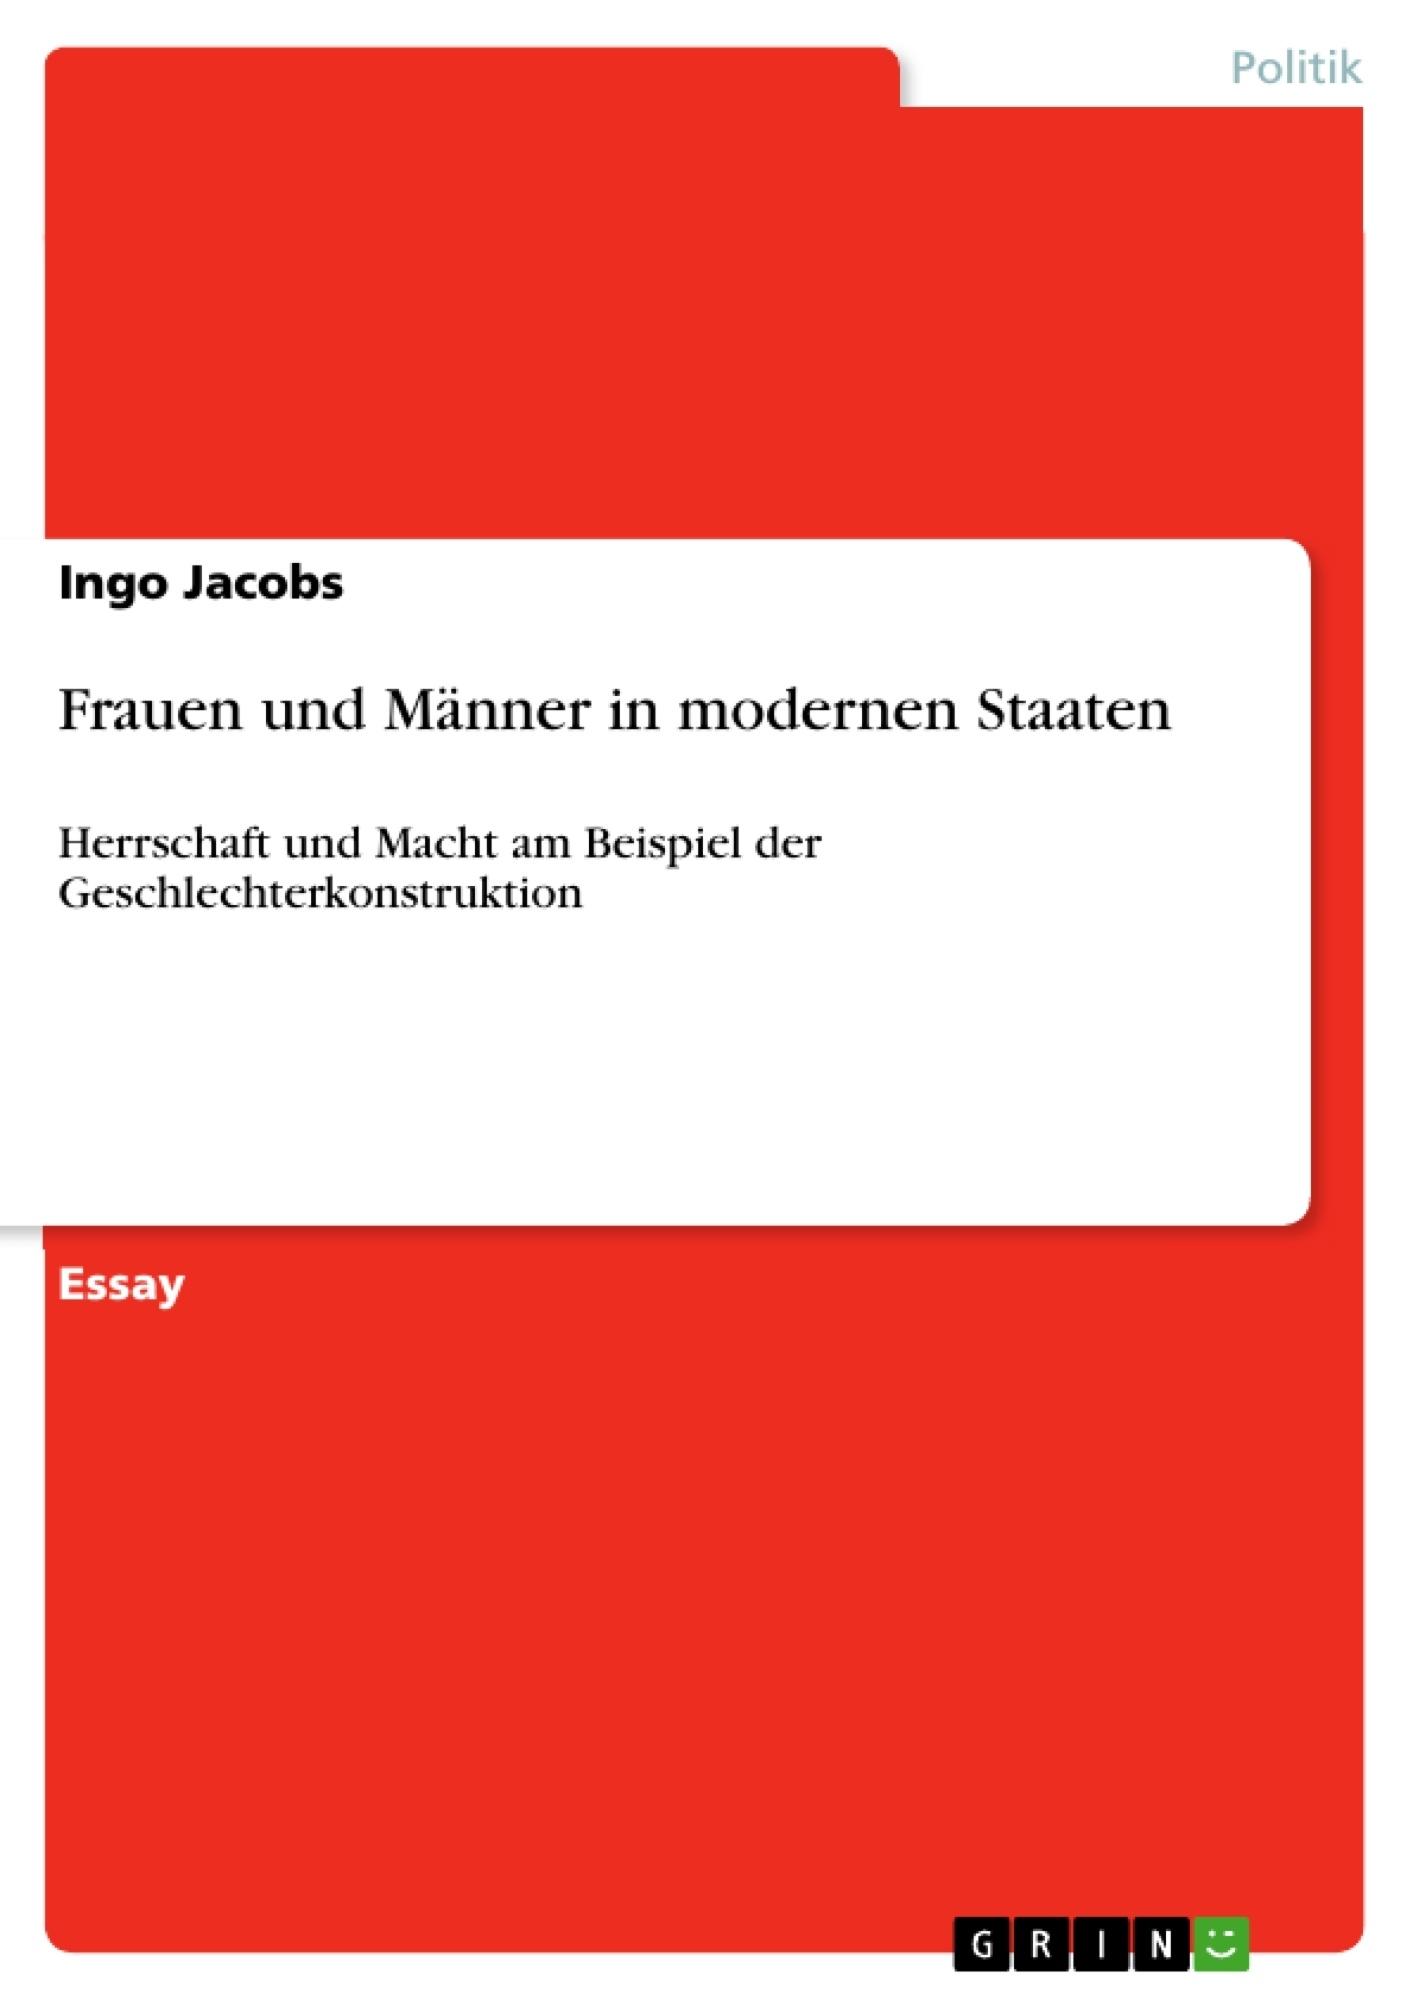 Titel: Frauen und Männer in modernen Staaten